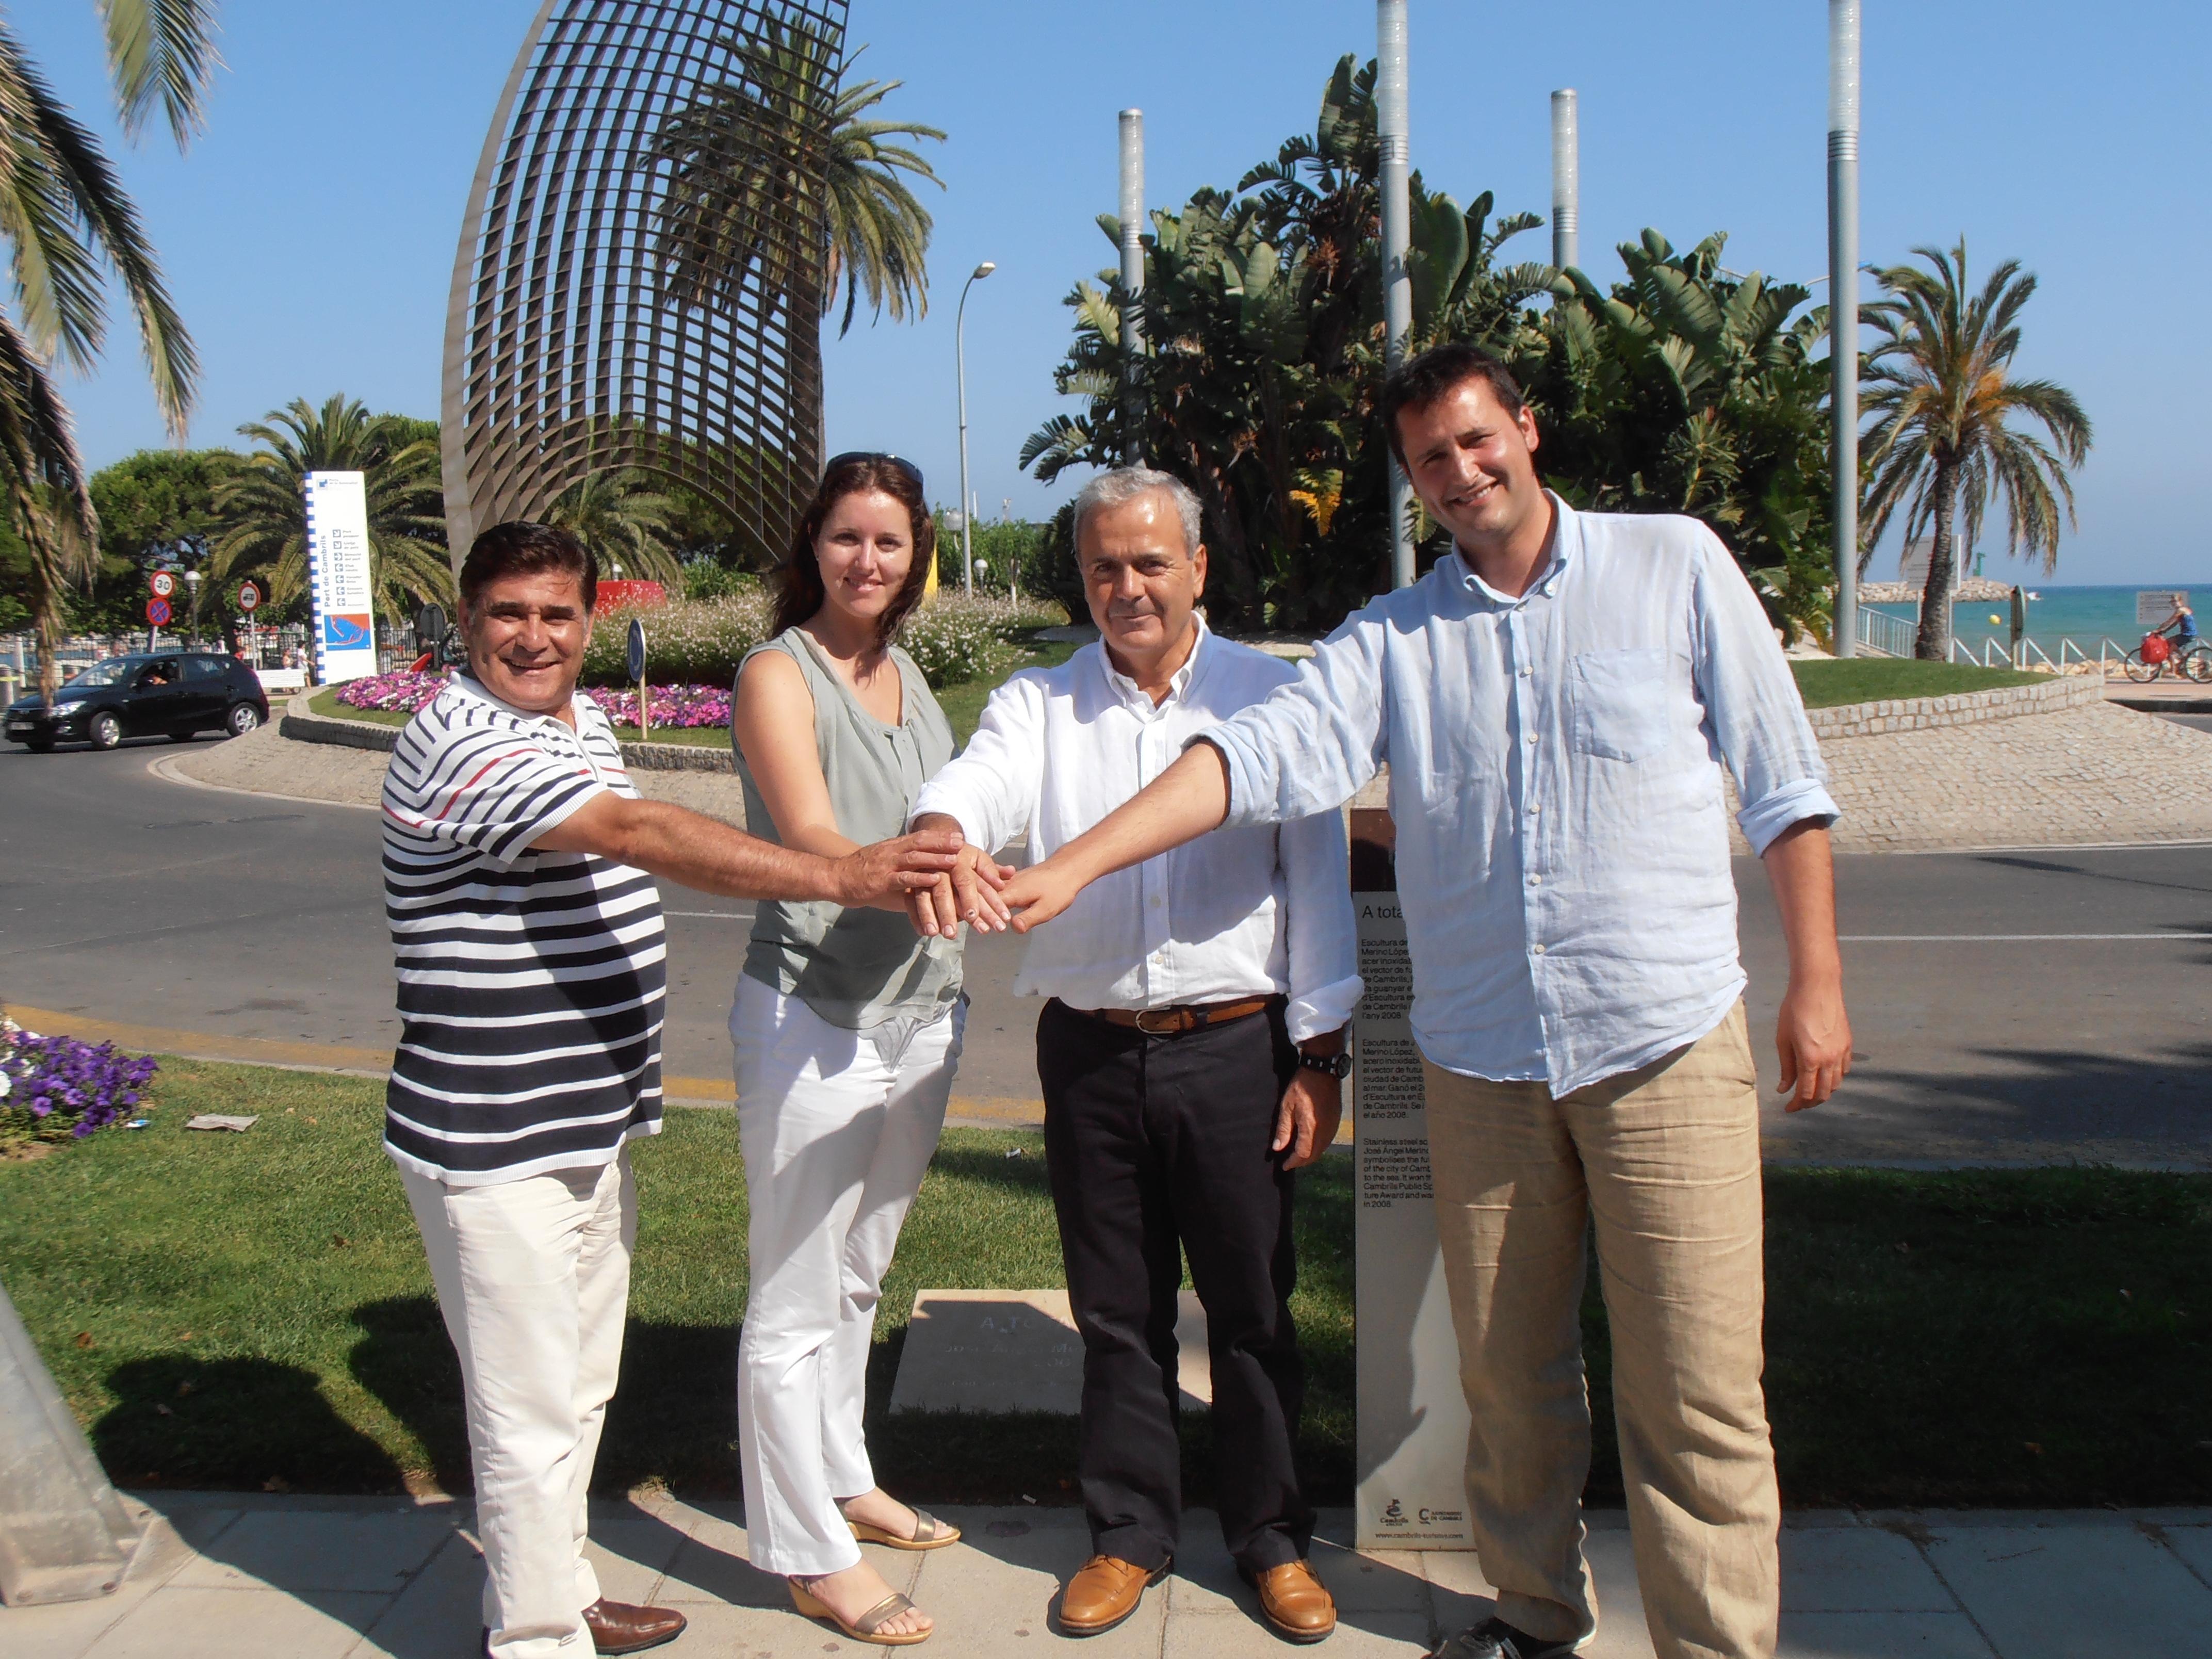 Los Concejales De Turismo De Cambrils Salou Vila Seca Y Reus Se Reúnen Para Trabajar En La Planificación De Las Acciones De Promoción Conjunta Para El Año Que Viene Ayuntamiento De Salou